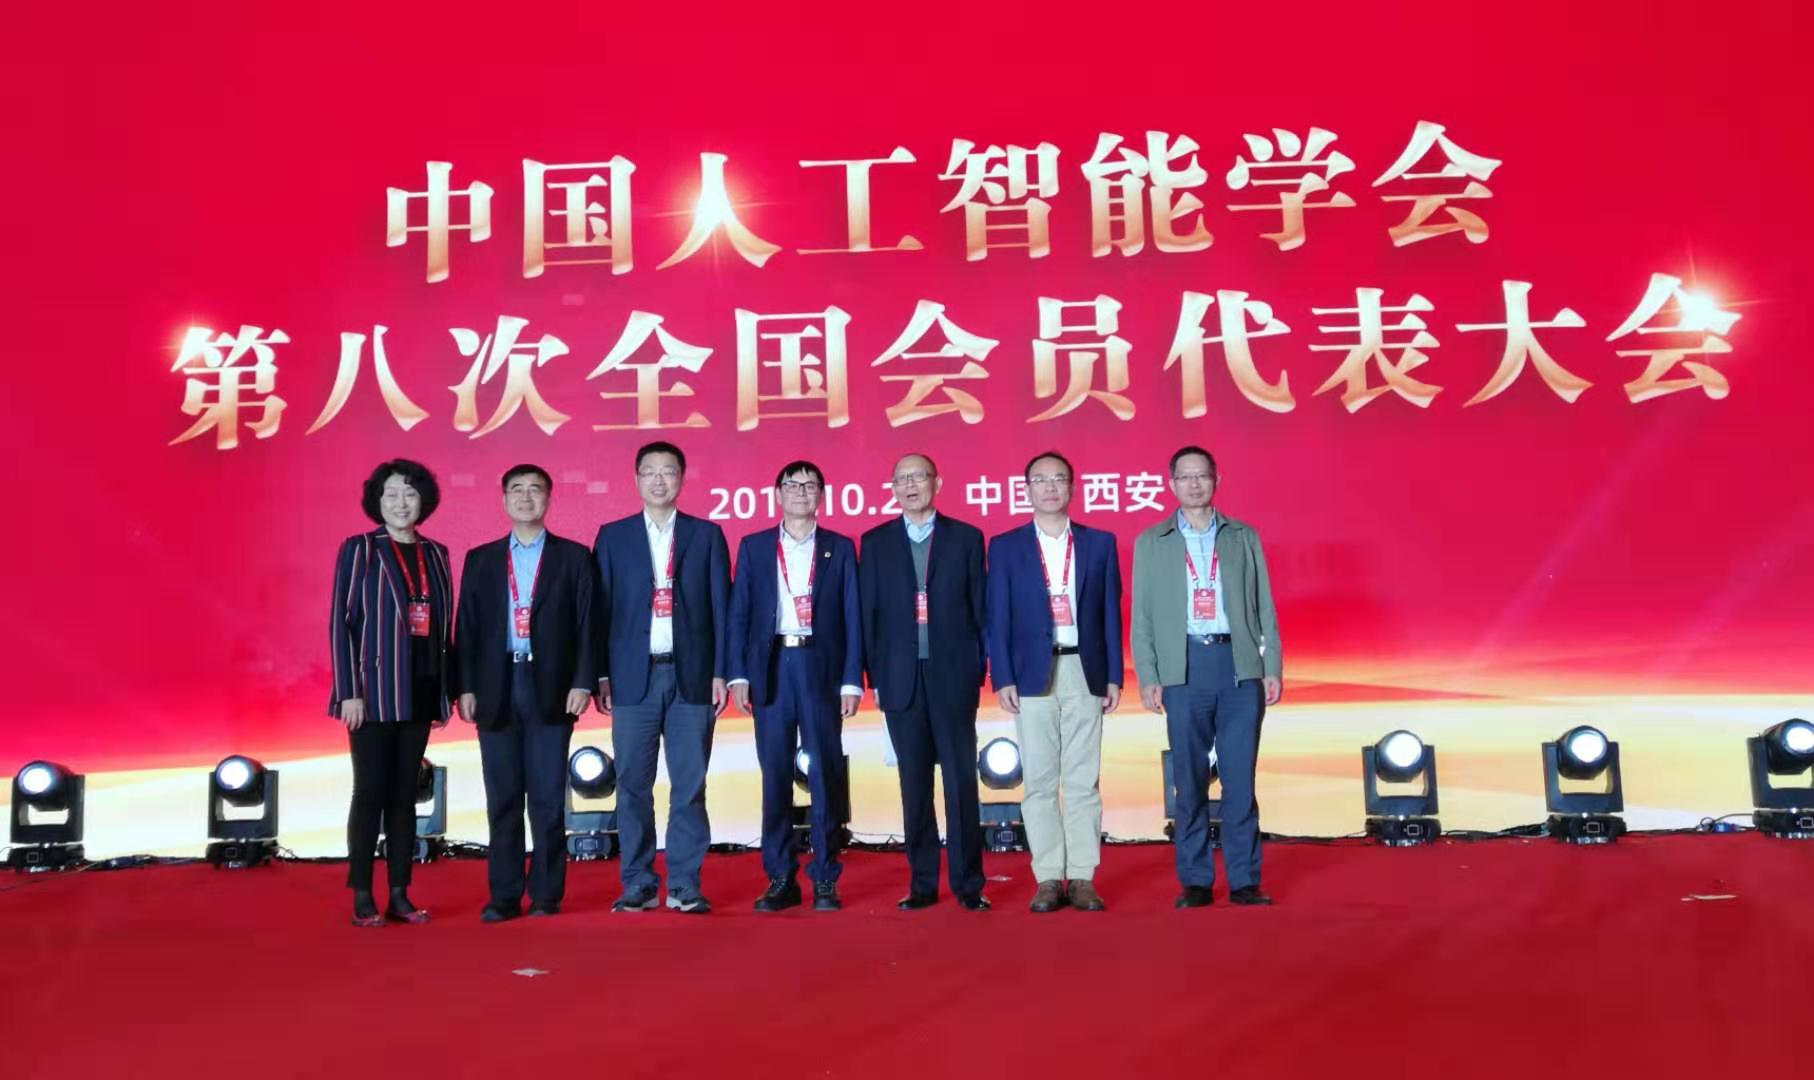 信息工程学院刘宏教授当选中国人工智能学会副理事长